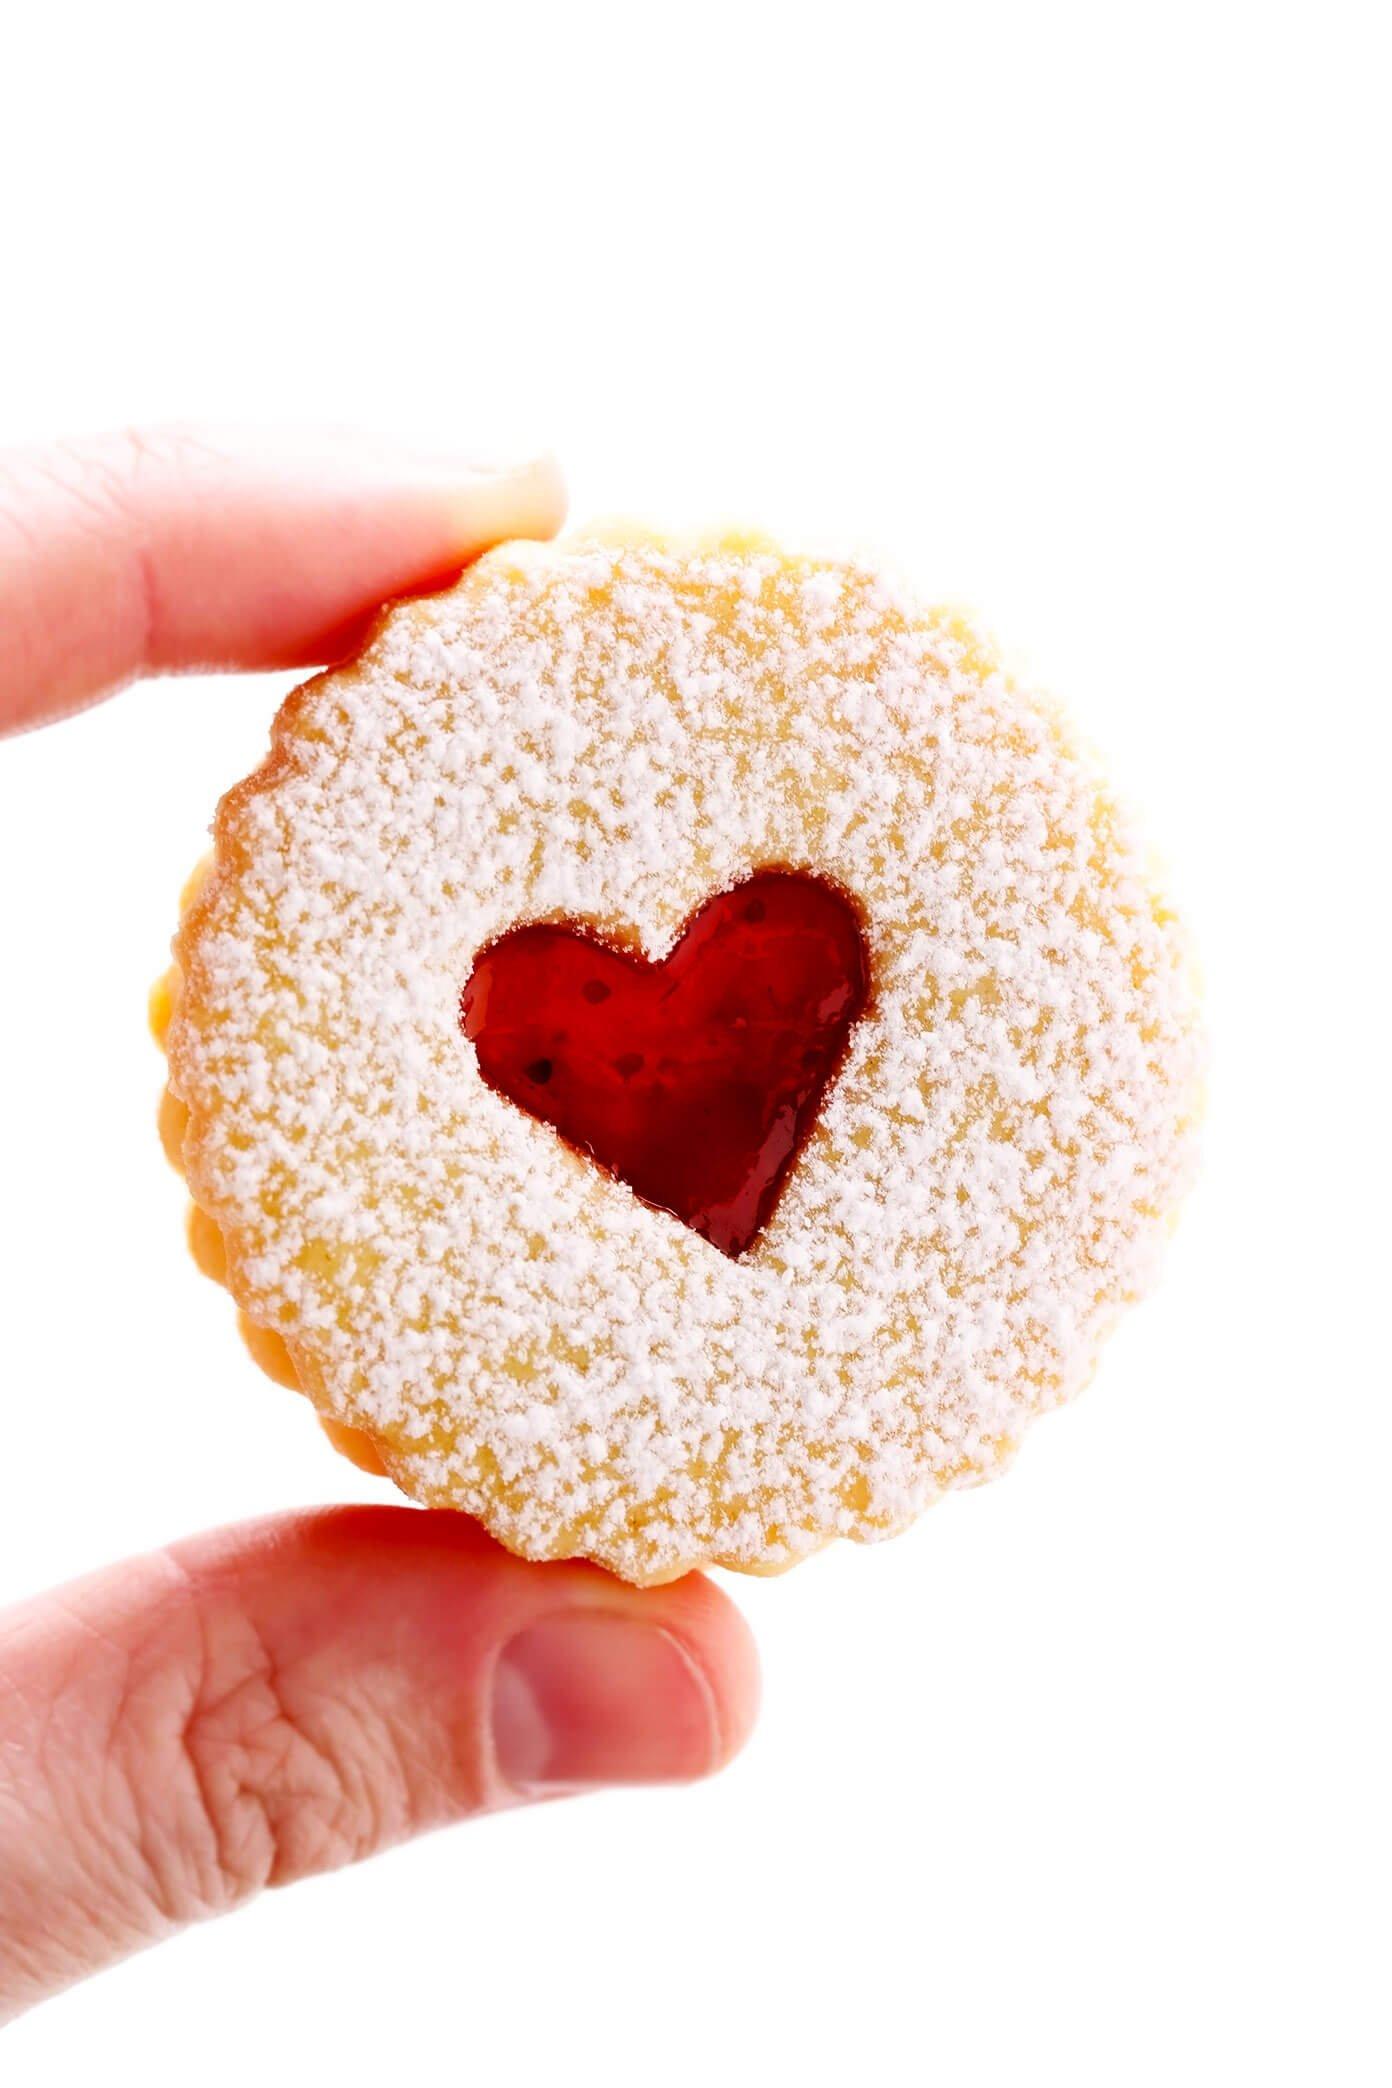 Linzer Cookie Heart Closeup